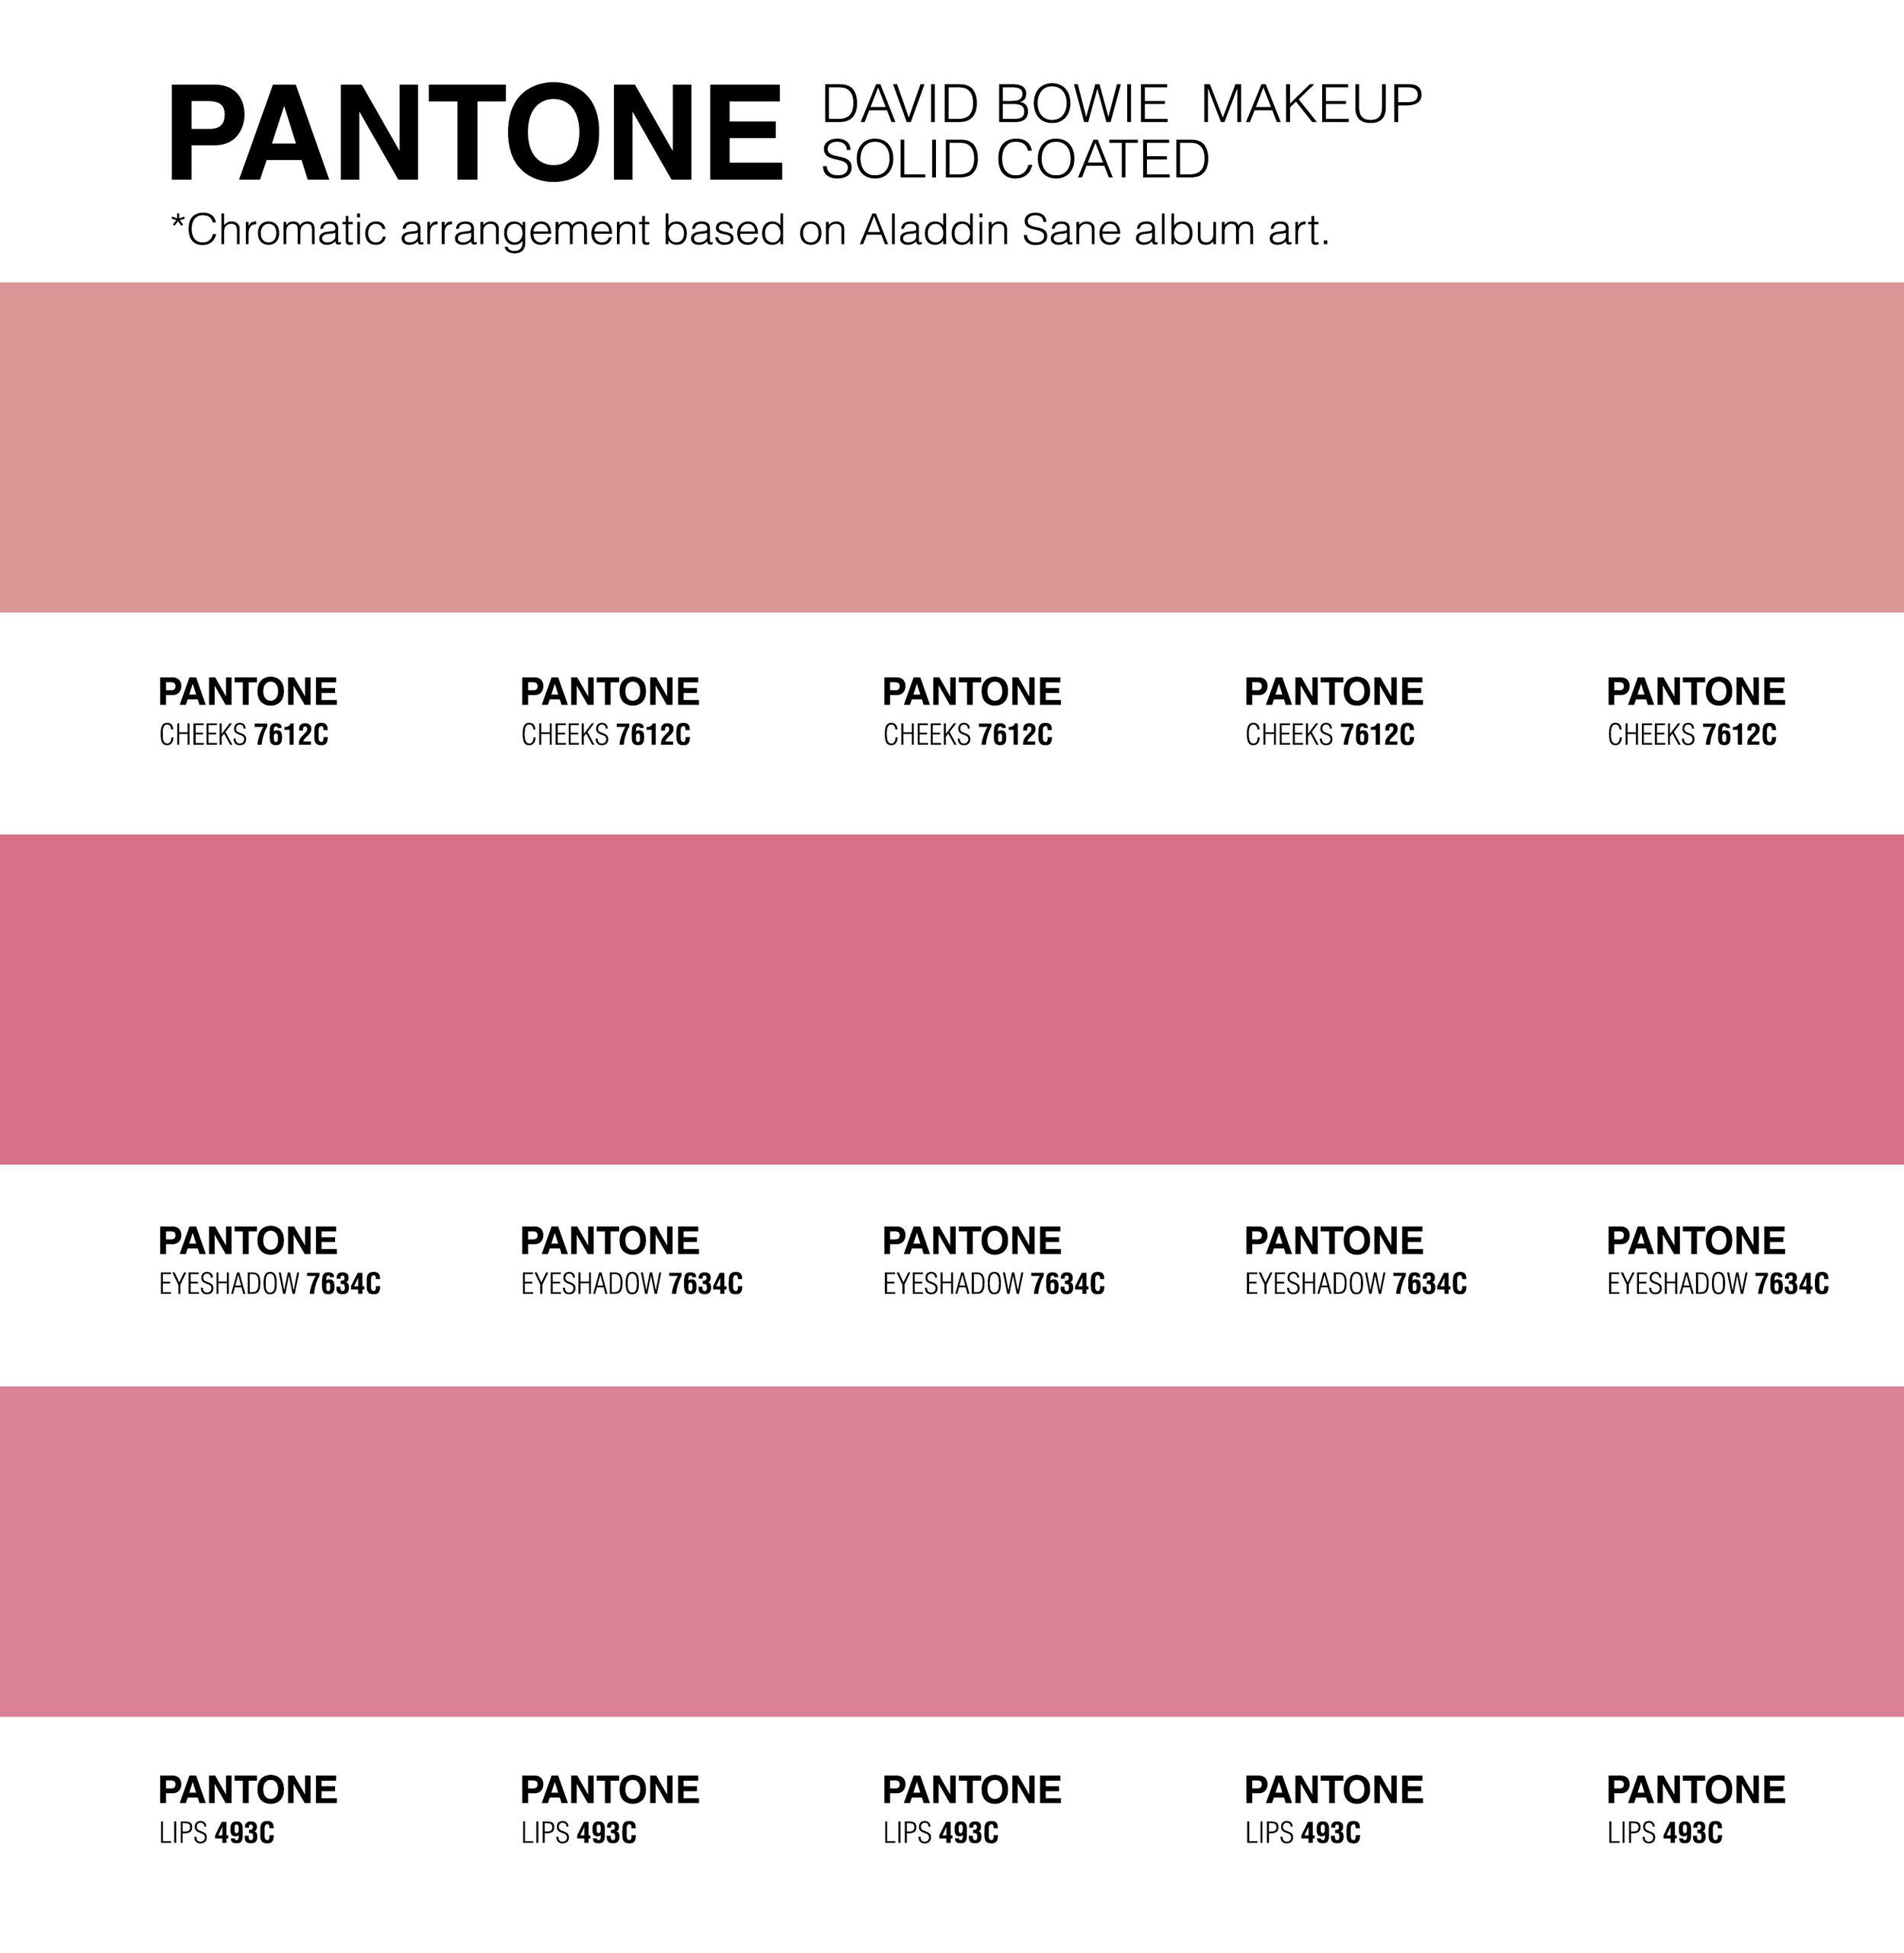 Pantone Makeup